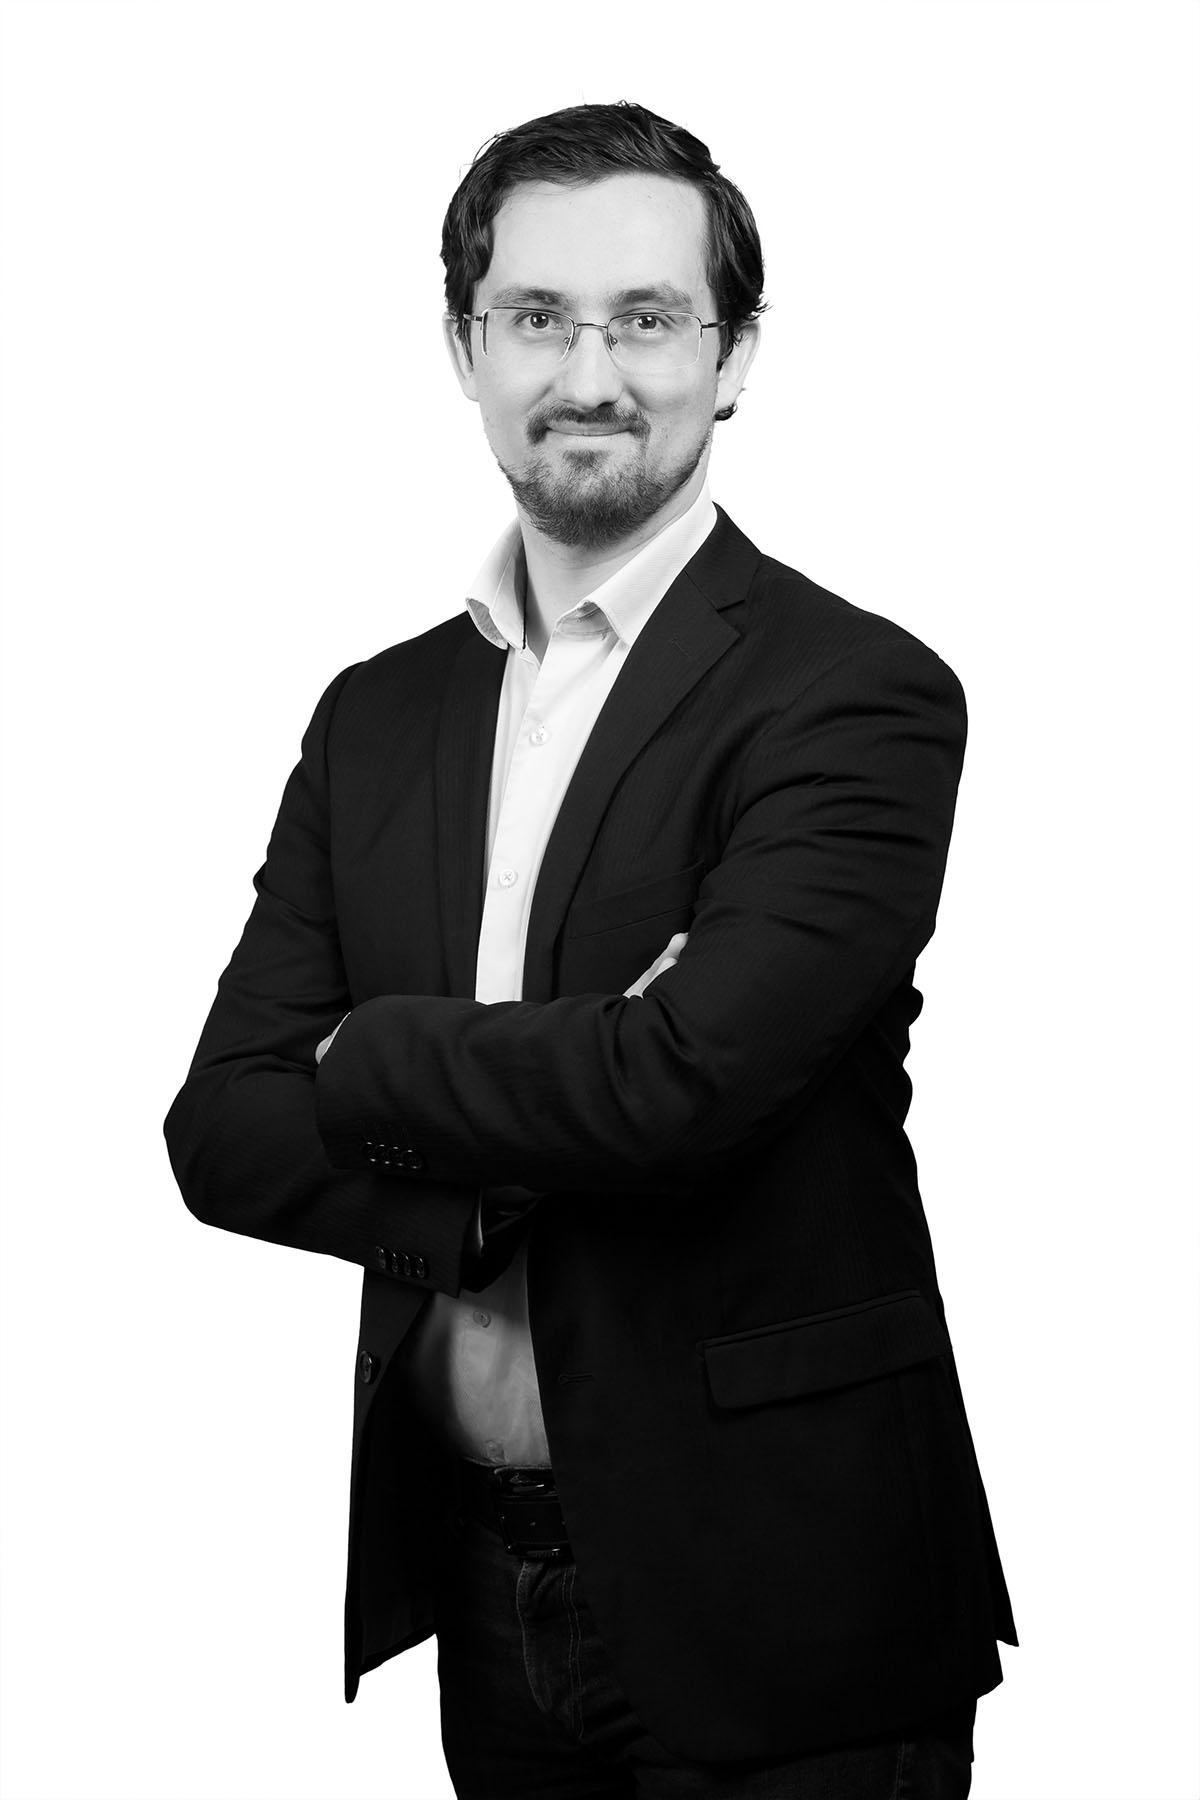 Alexandre Merdassi